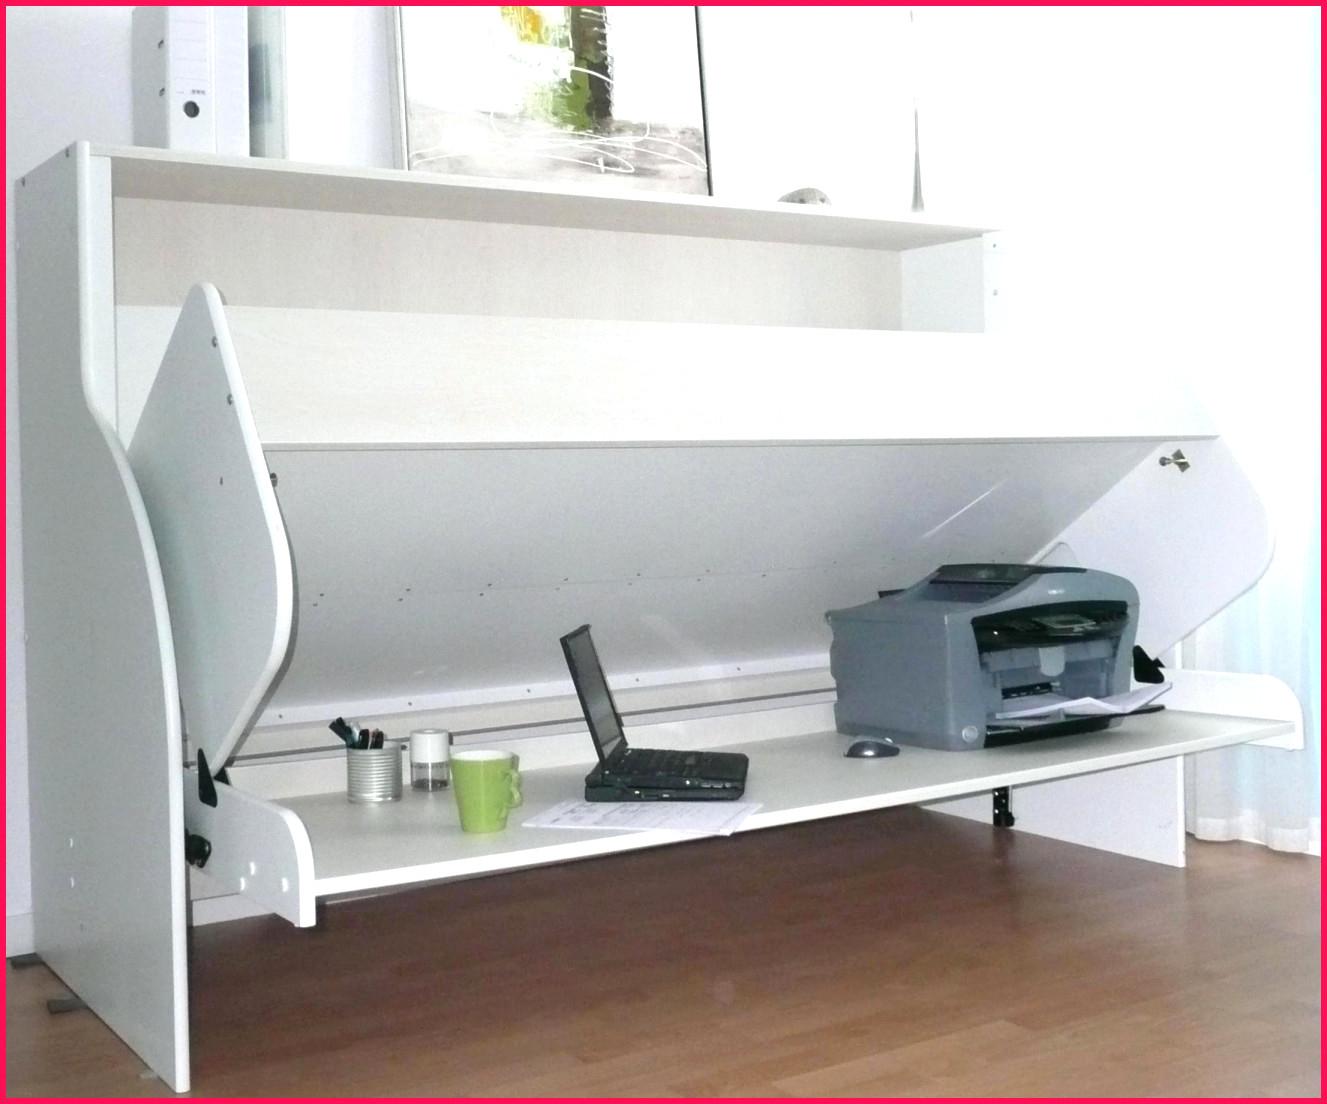 Lit Canapé Escamotable Ikea Luxe Collection 23 Beau En Ligne Lit Escamotable Avec Canap Inspiration Maison Avec